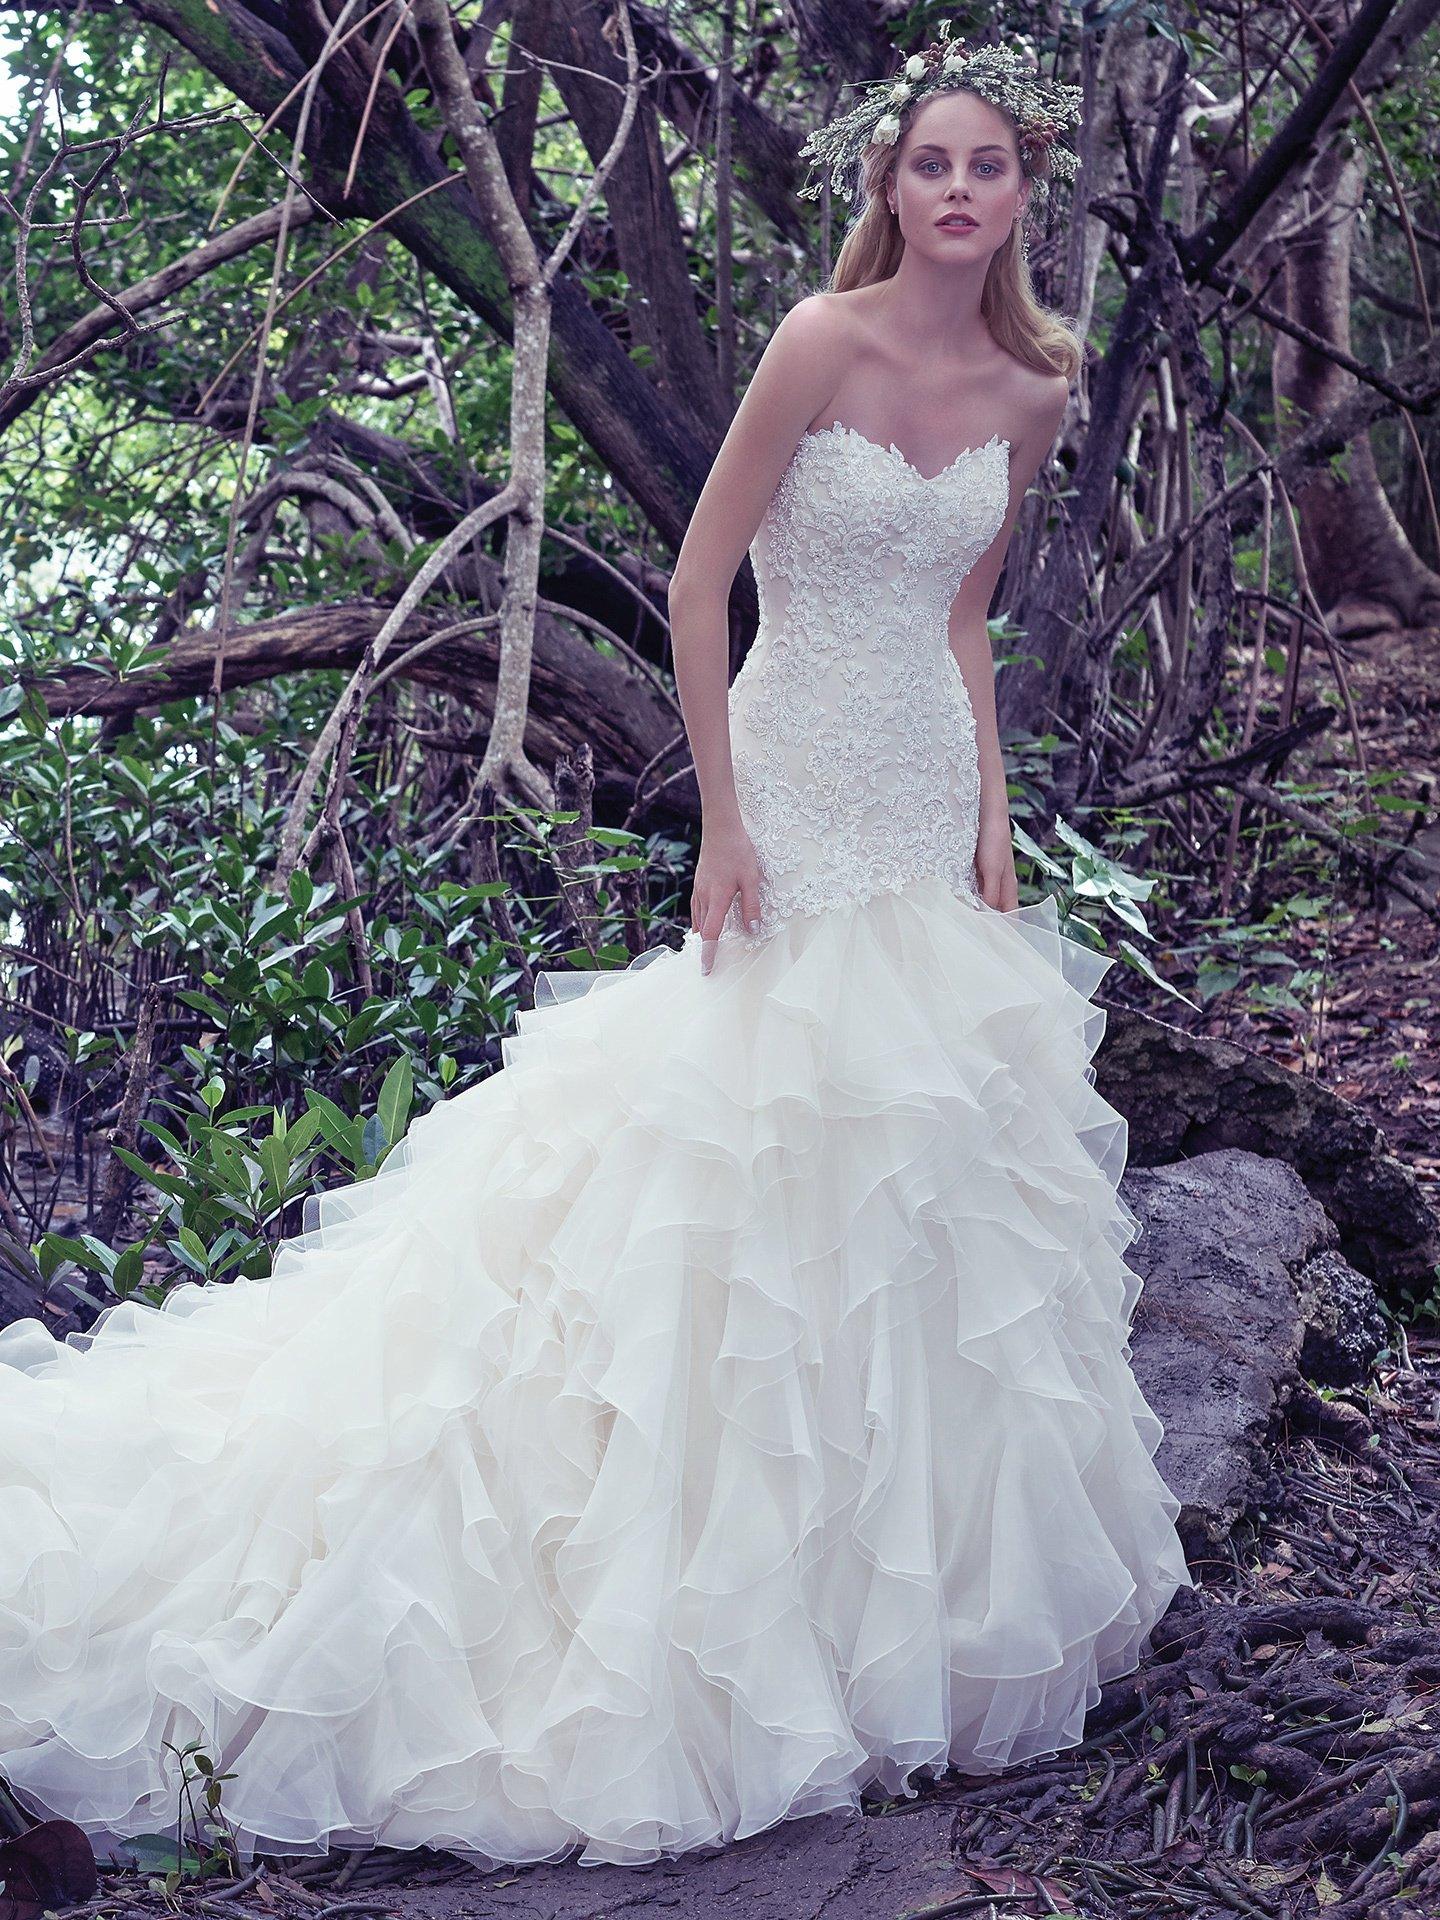 Inspirational Wedding Dresses Cheap Johannesburg – Wedding